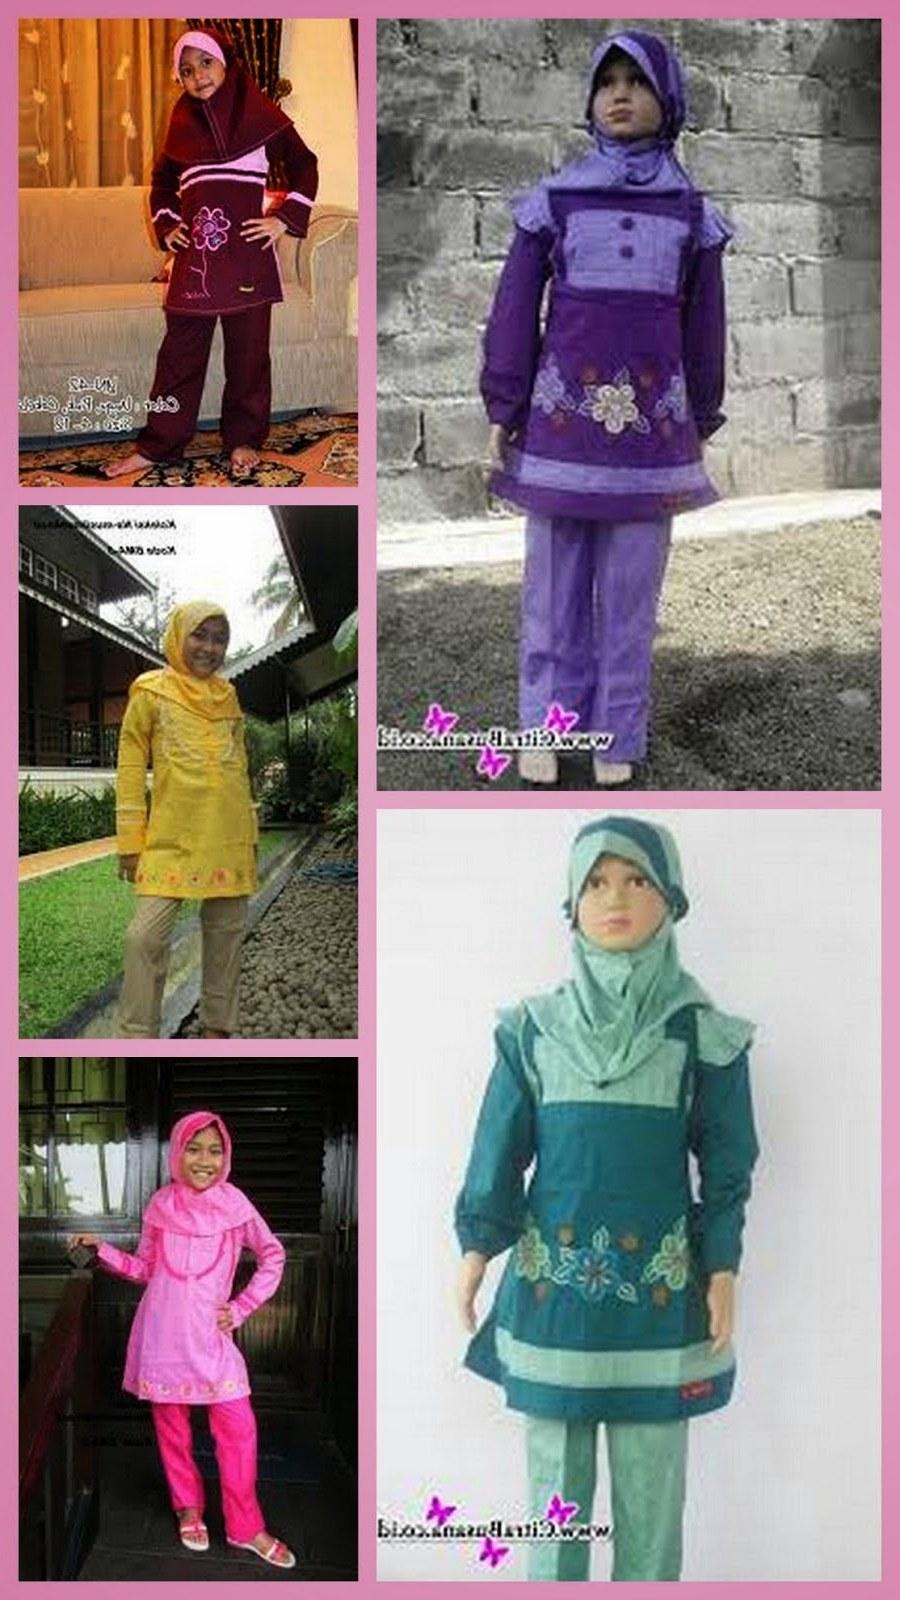 Bentuk Baju Lebaran Untuk Anak Usia 13 Tahun Kvdd Baju Muslim Anak Wanita Usia 13 Tahun Untuk Lebaran